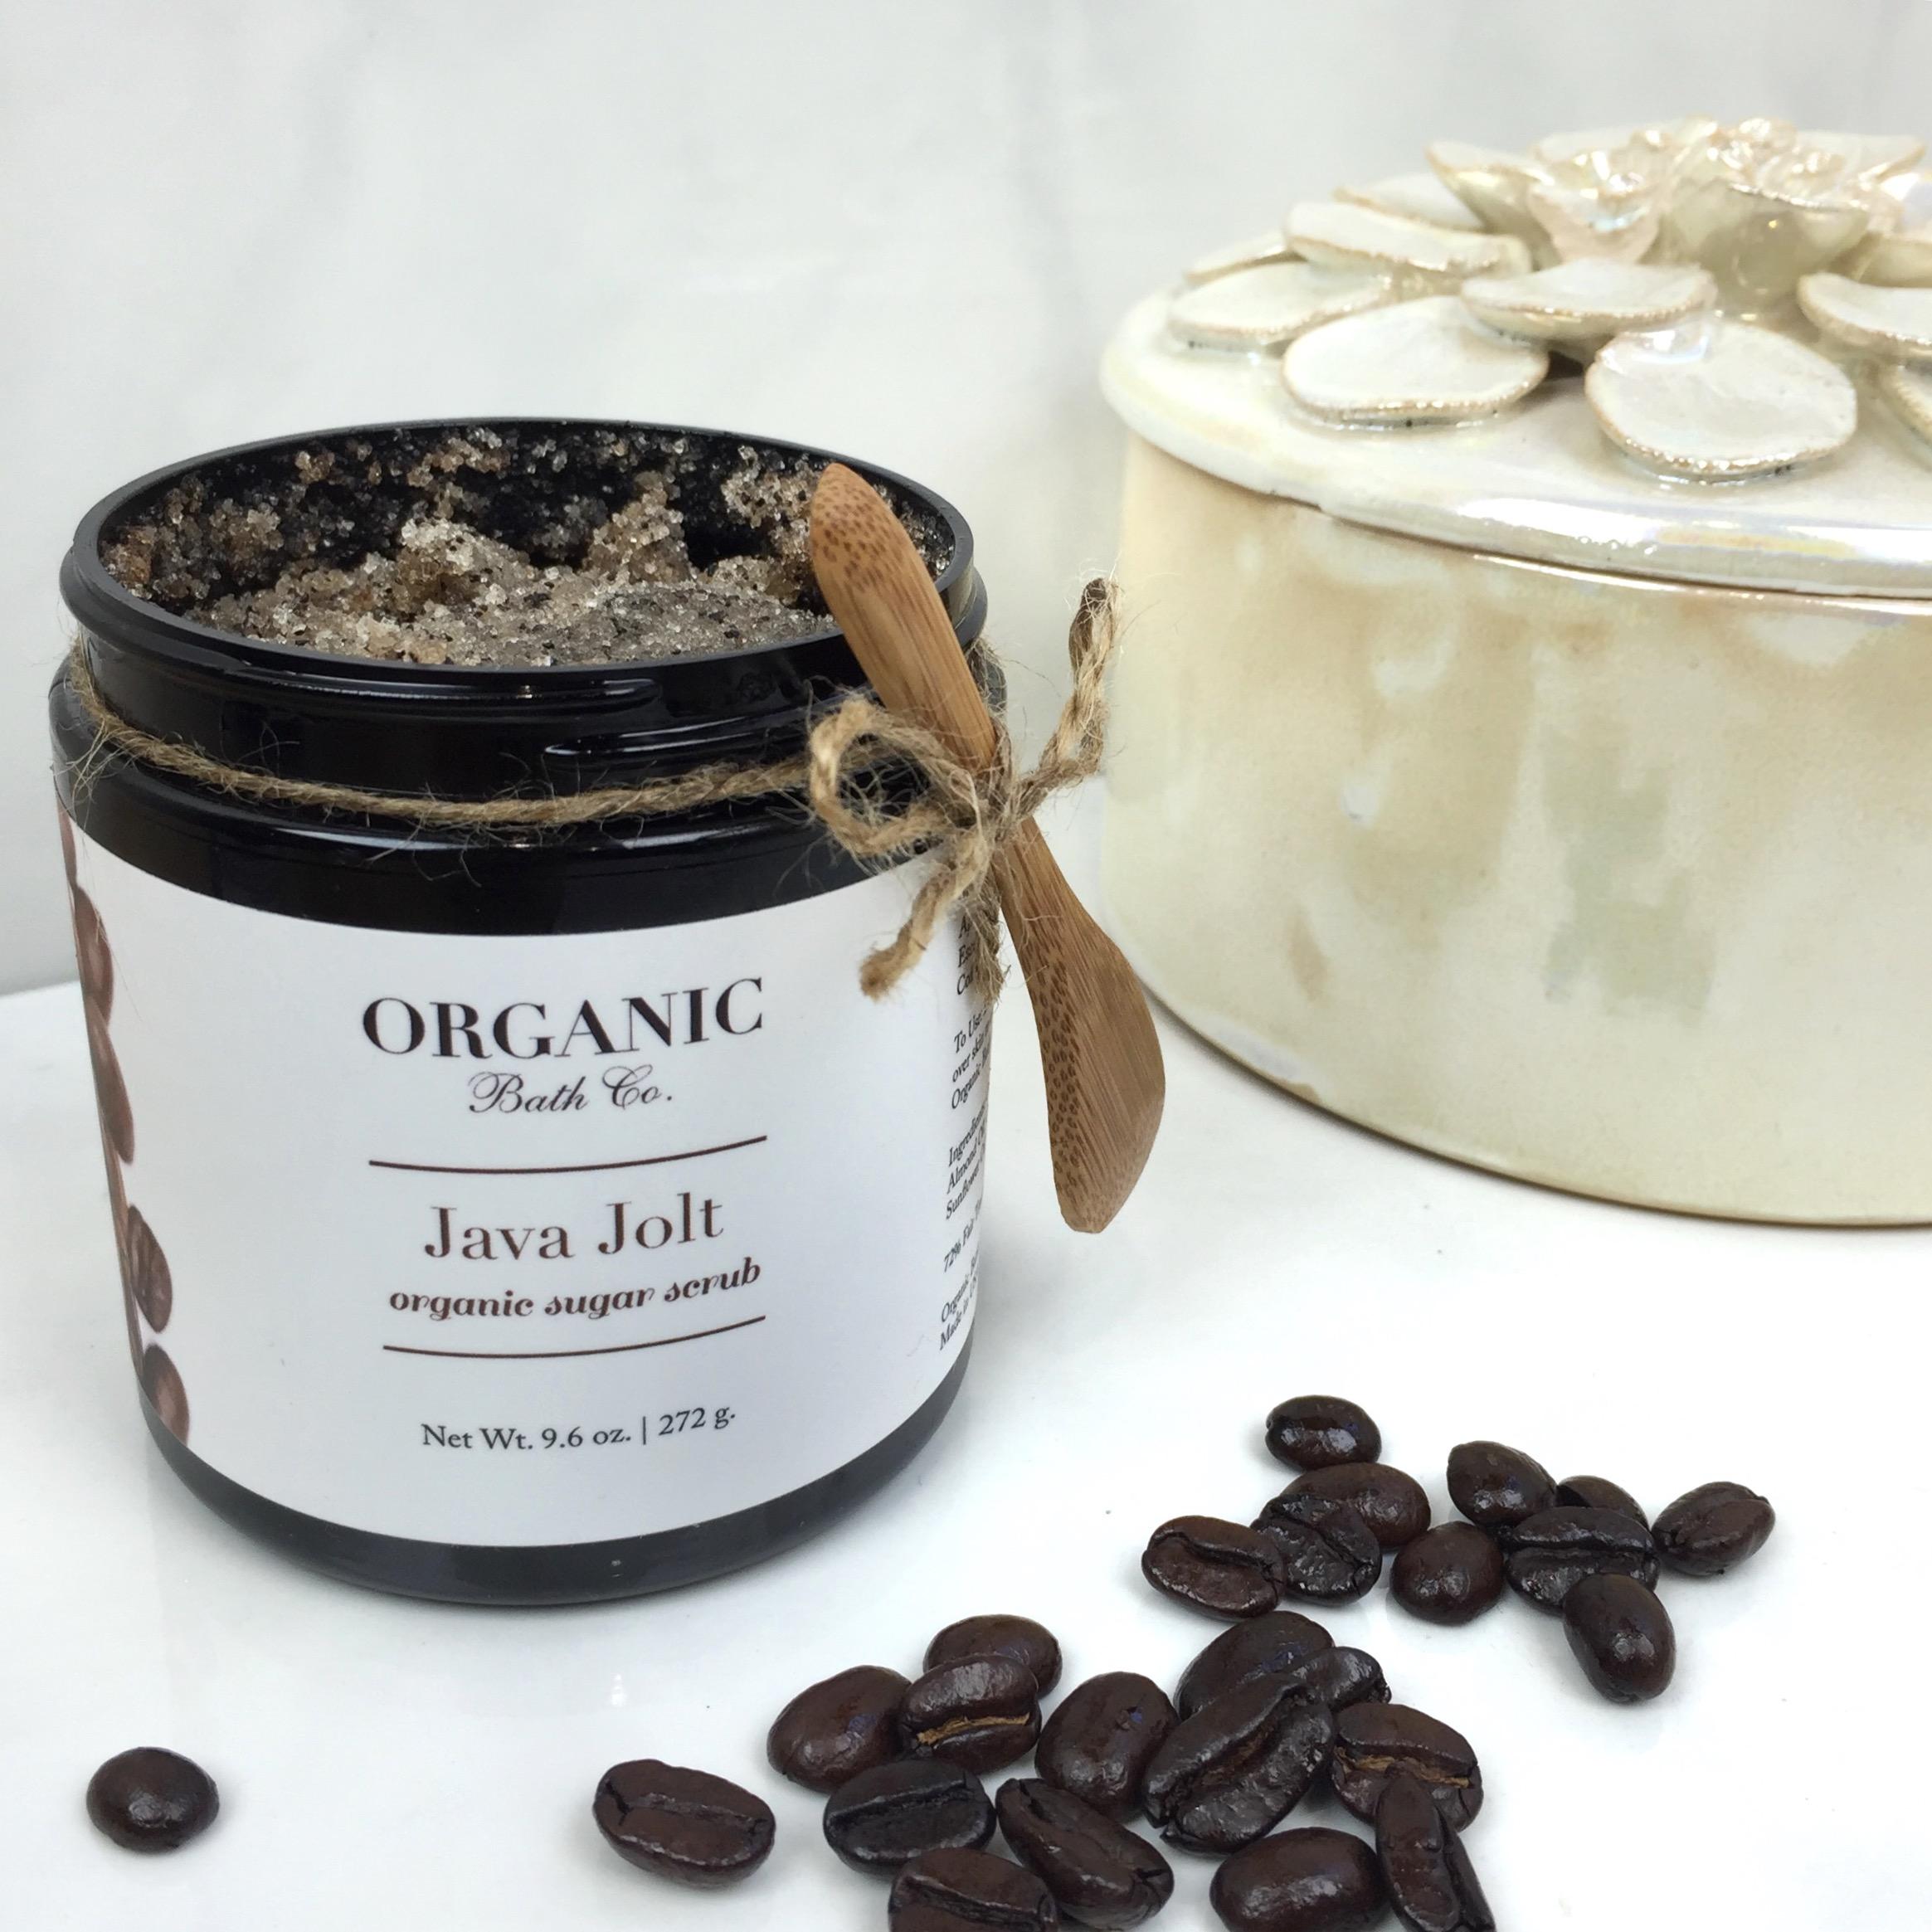 Organic Bathroom: Organic Bath Co. Organic Coffee Scrub